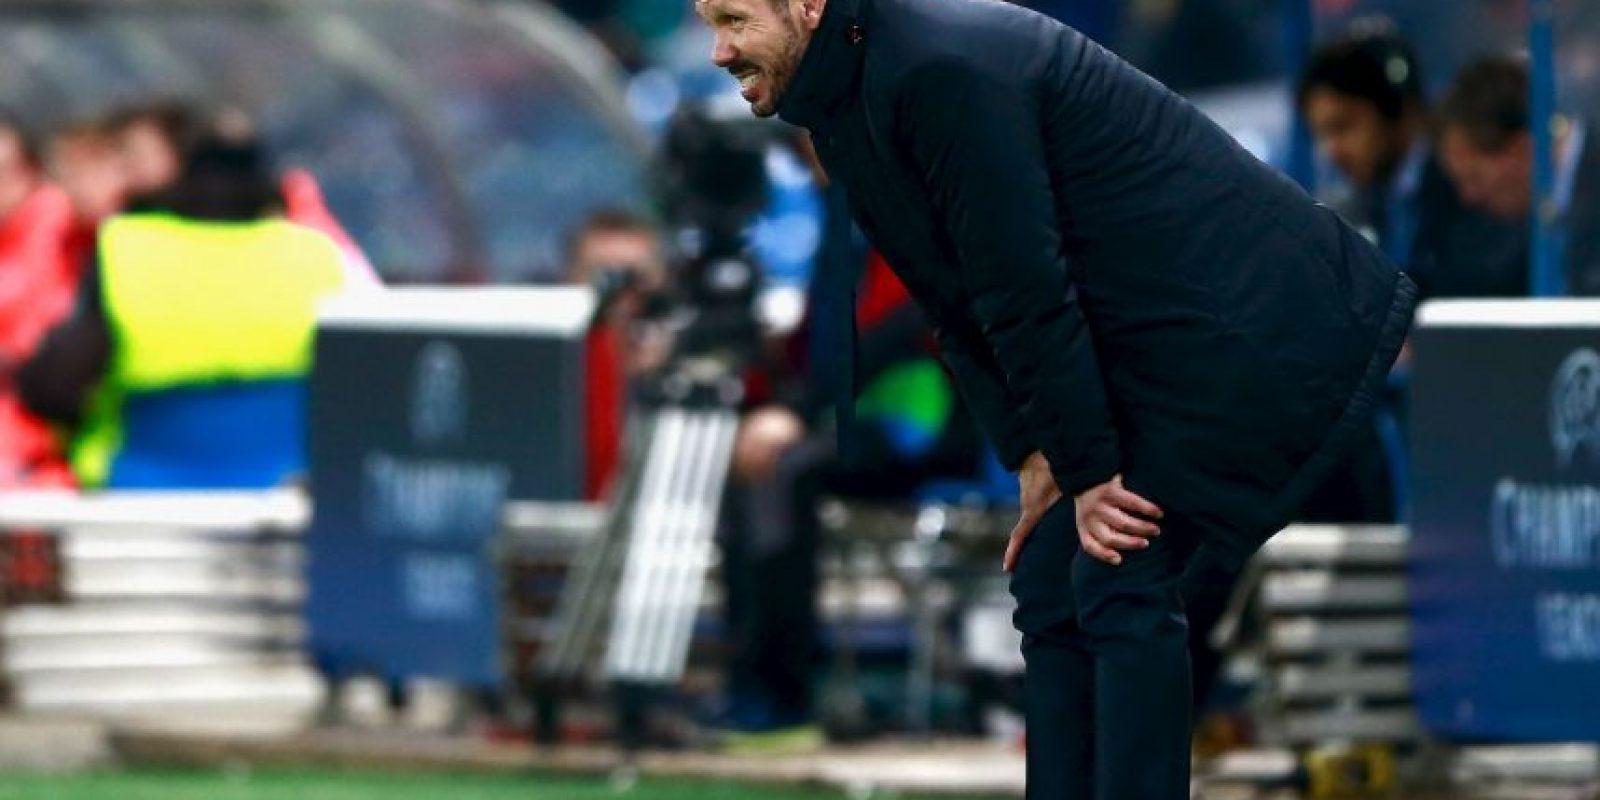 Diego Simeone (Atlético de Madrid): Tiene a los Colchoneros disfrutando nuevamente con ser uno de los mejores equipos de Europa. Luego de estar en el descenso y ser un actor de reparto en el Viejo Continente y en España, la llegada del Cholo hace unos años fue significativa para que vuelvan al sitial de honor. Su selección se basa en haber llevado a Atlético de Madrid a la final de la Champions League y haberle peleado la liga hasta el final a Barcelona. ' Su Atlético de Madrid cayó por penales ante el Real Madrid en el partido decisivo, pero en el camino eliminó nada menos que al FC Barcelona y al Bayern de Múnich. Su quinto año como entrenador colchonero incluyó pelear otra vez el título de la Liga española hasta el final: quedó tercero a sólo tres puntos del campeón Barcelona', señalan desde la FIFA. Foto:Getty Images